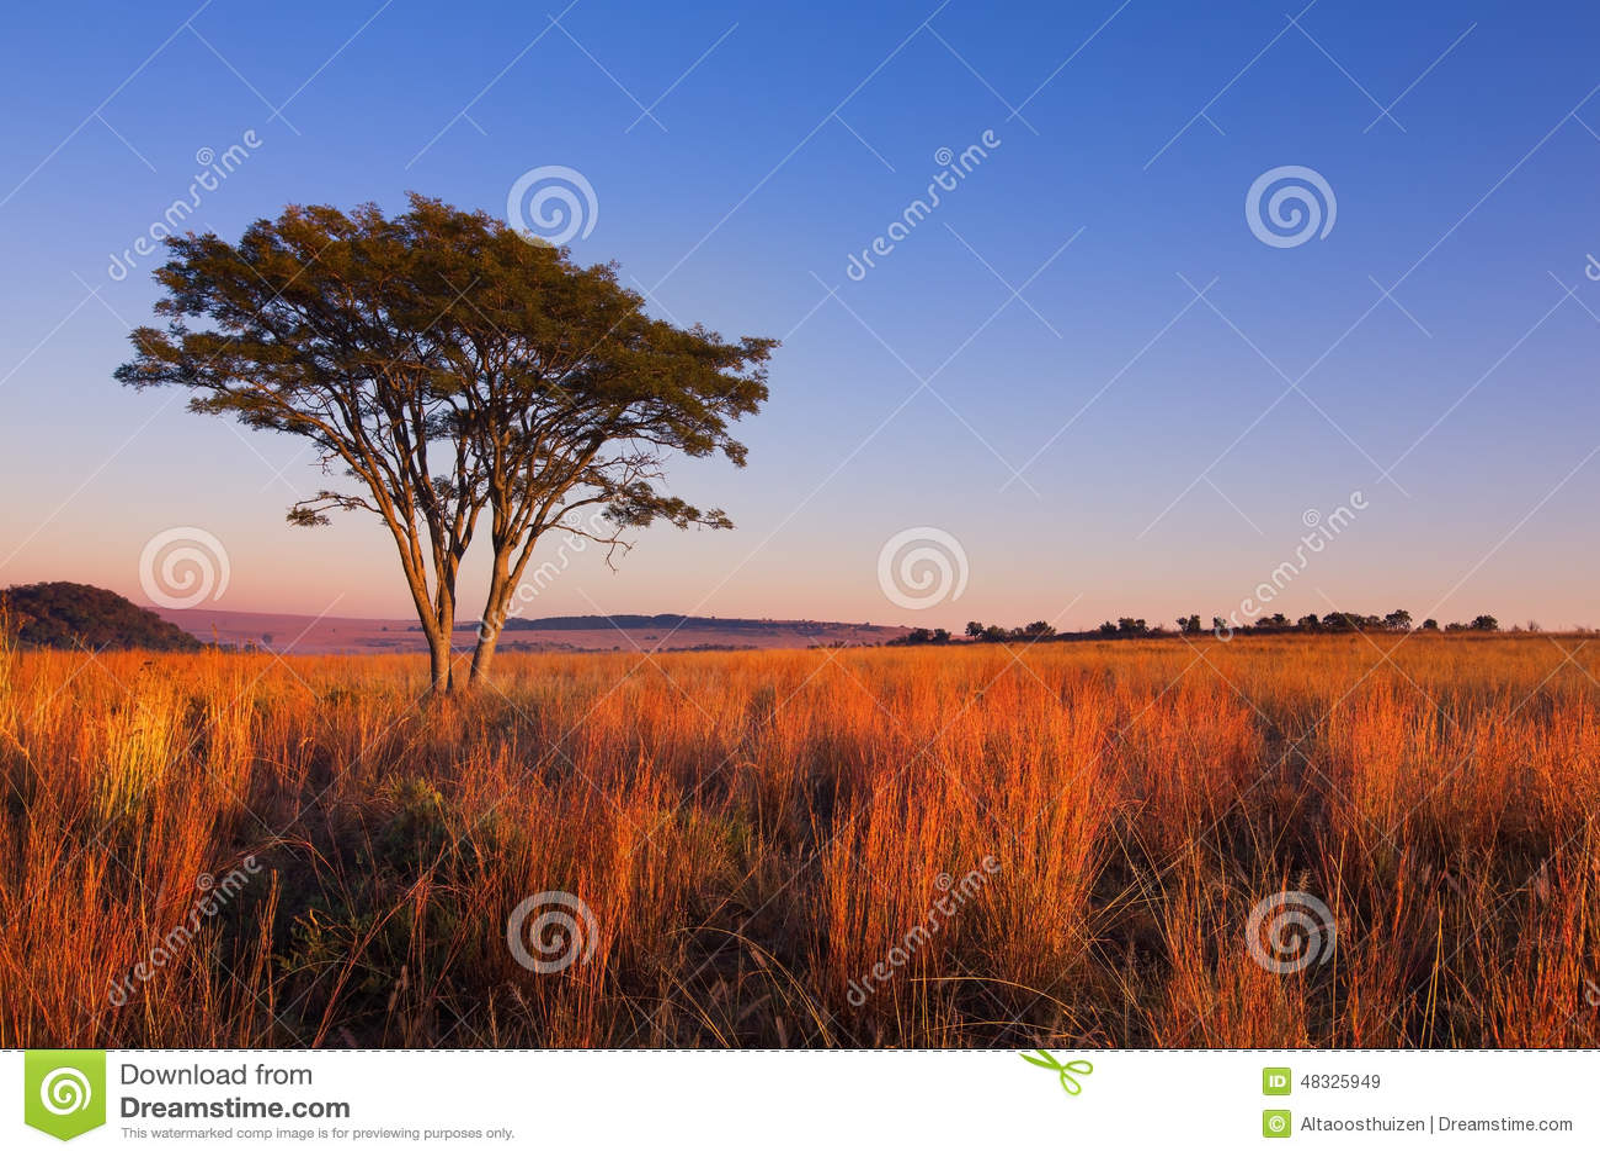 Μαγικό ηλιοβασίλεμα στην Αφρική με ένα απομονωμένο δέντρο στο λόφο και το λεπτό σύννεφο